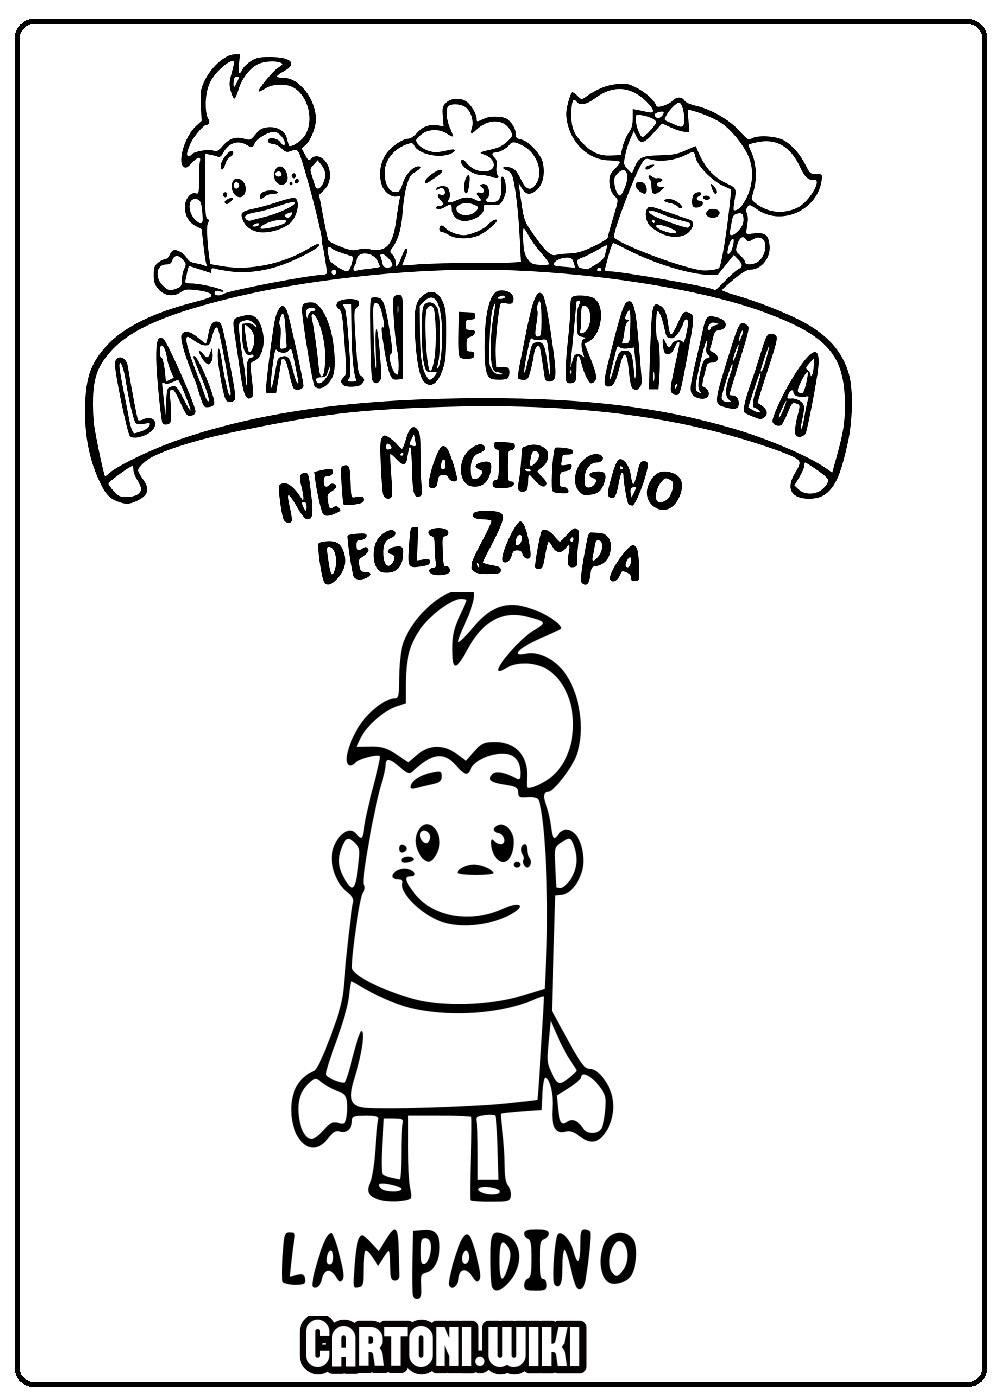 Colora Lampadino di Lampadino e Caramella - Cartoni animati